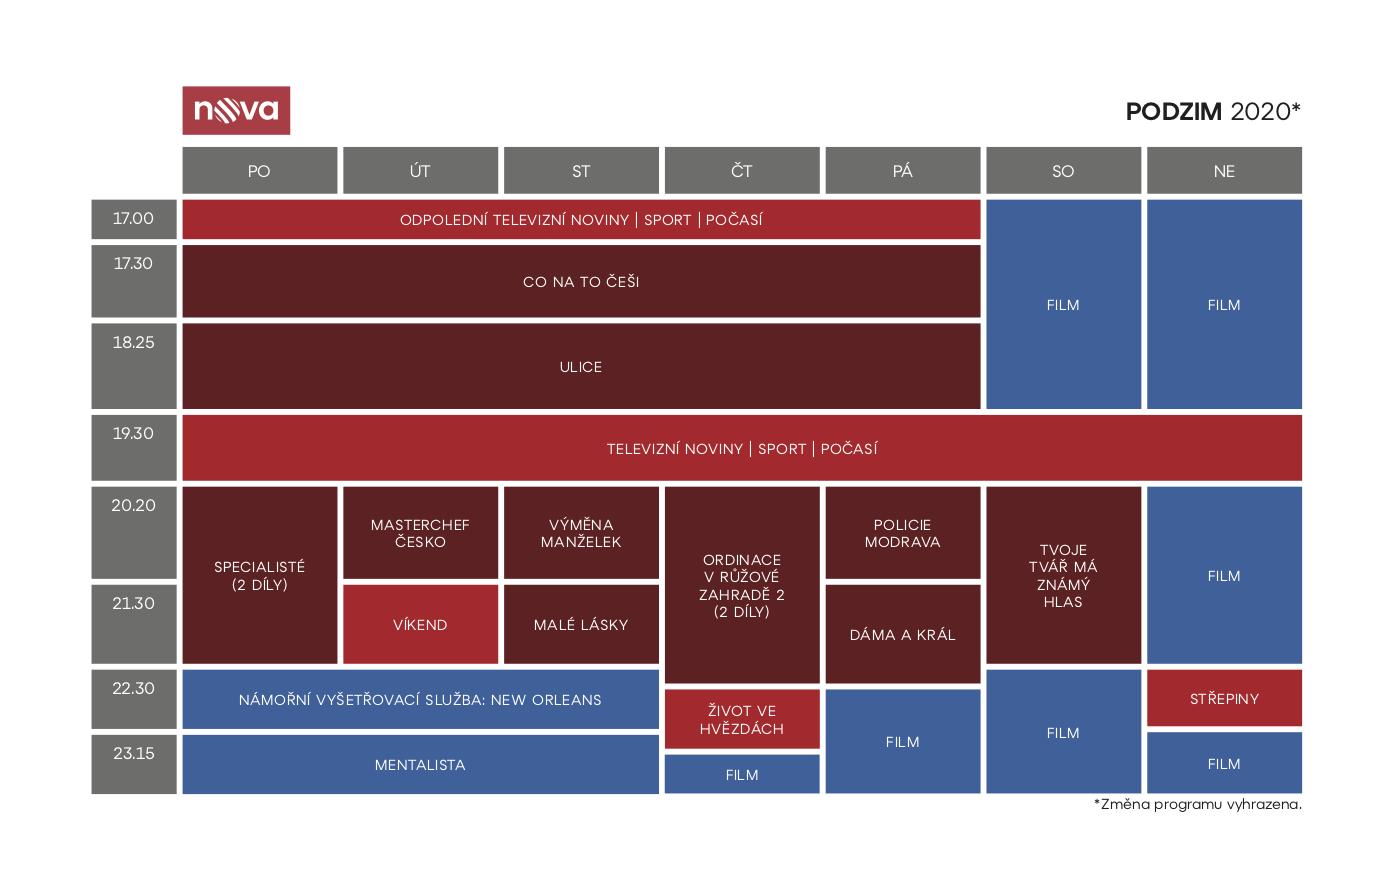 Programové schéma hlavního kanáu televize Nova na podzim 2020